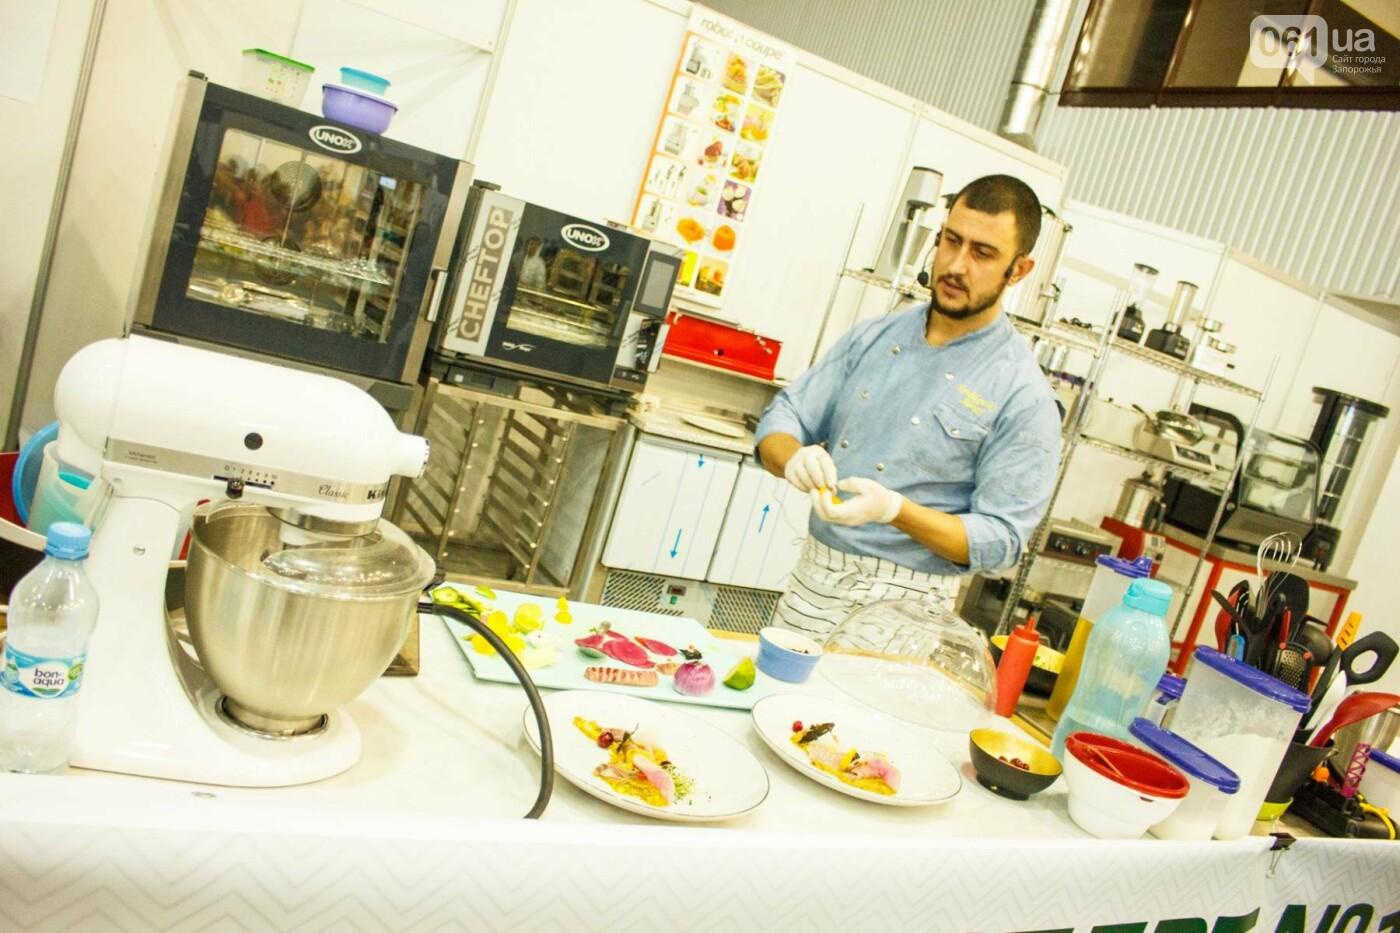 Шеф-повара запорожских ресторанов провели мастер-класс для горожан: как это было, - ФОТОРЕПОРТАЖ, фото-49